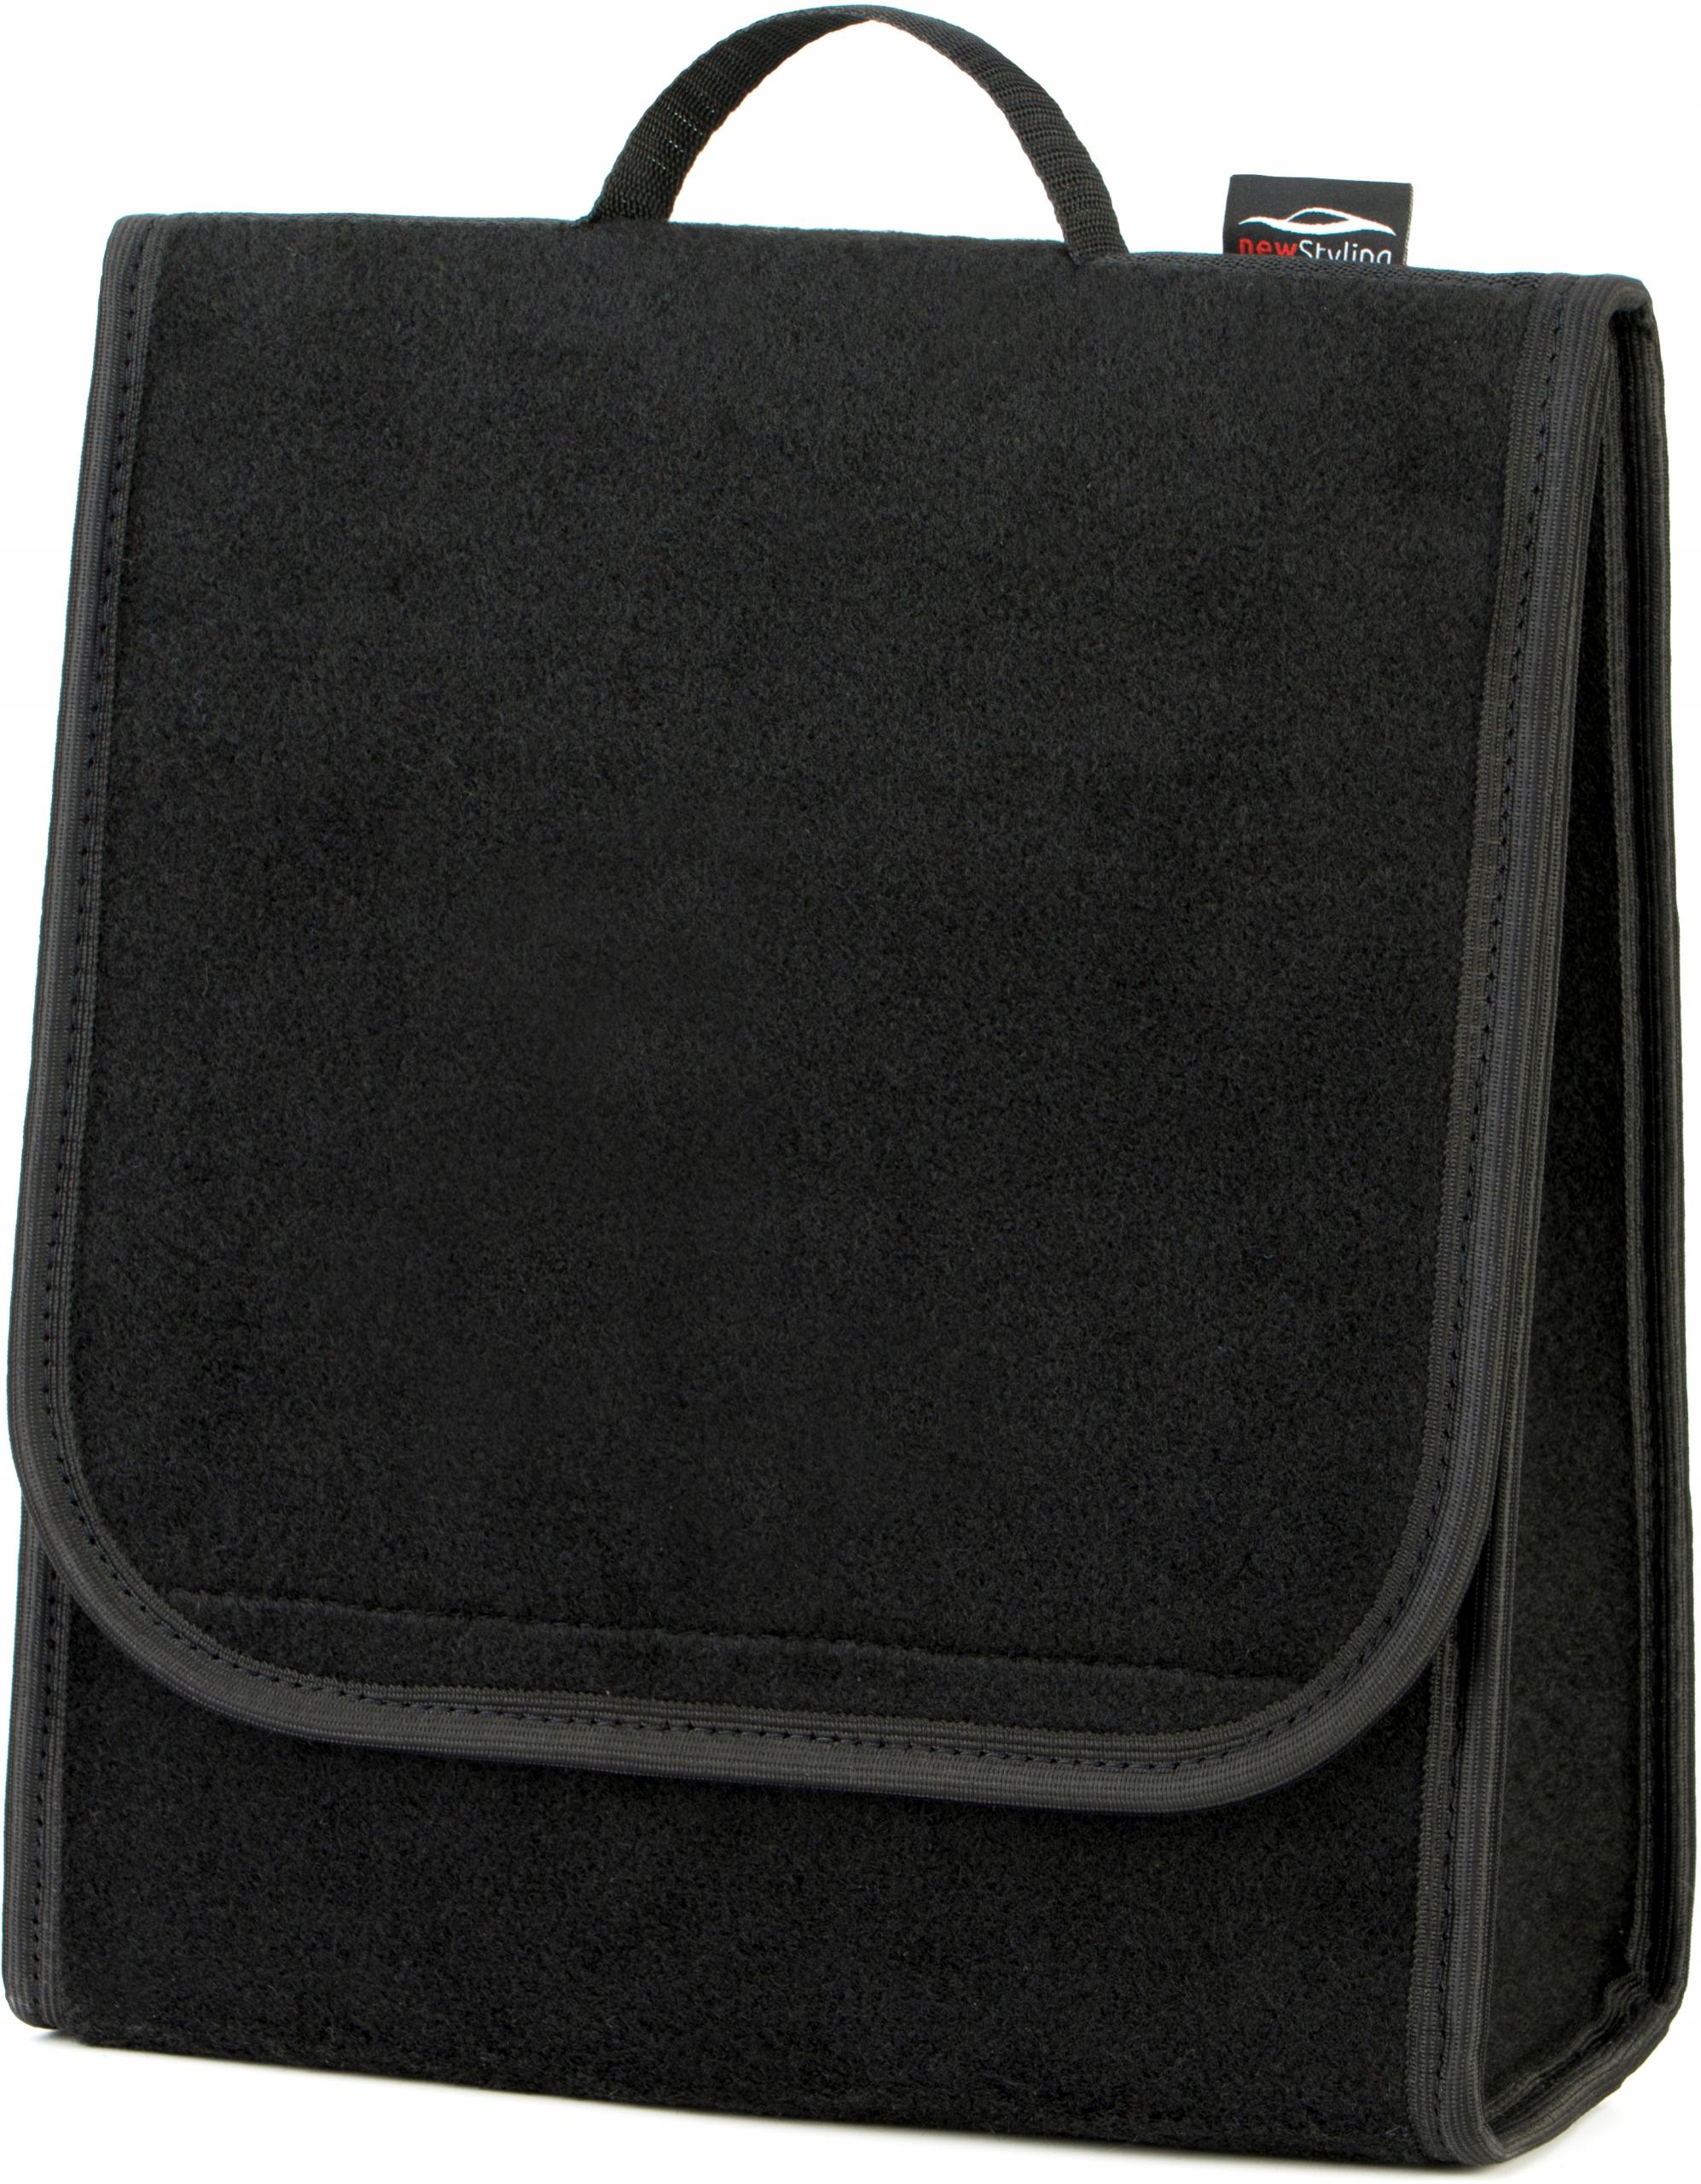 Автомобильная дорожная сумка, багажник Max-Rug